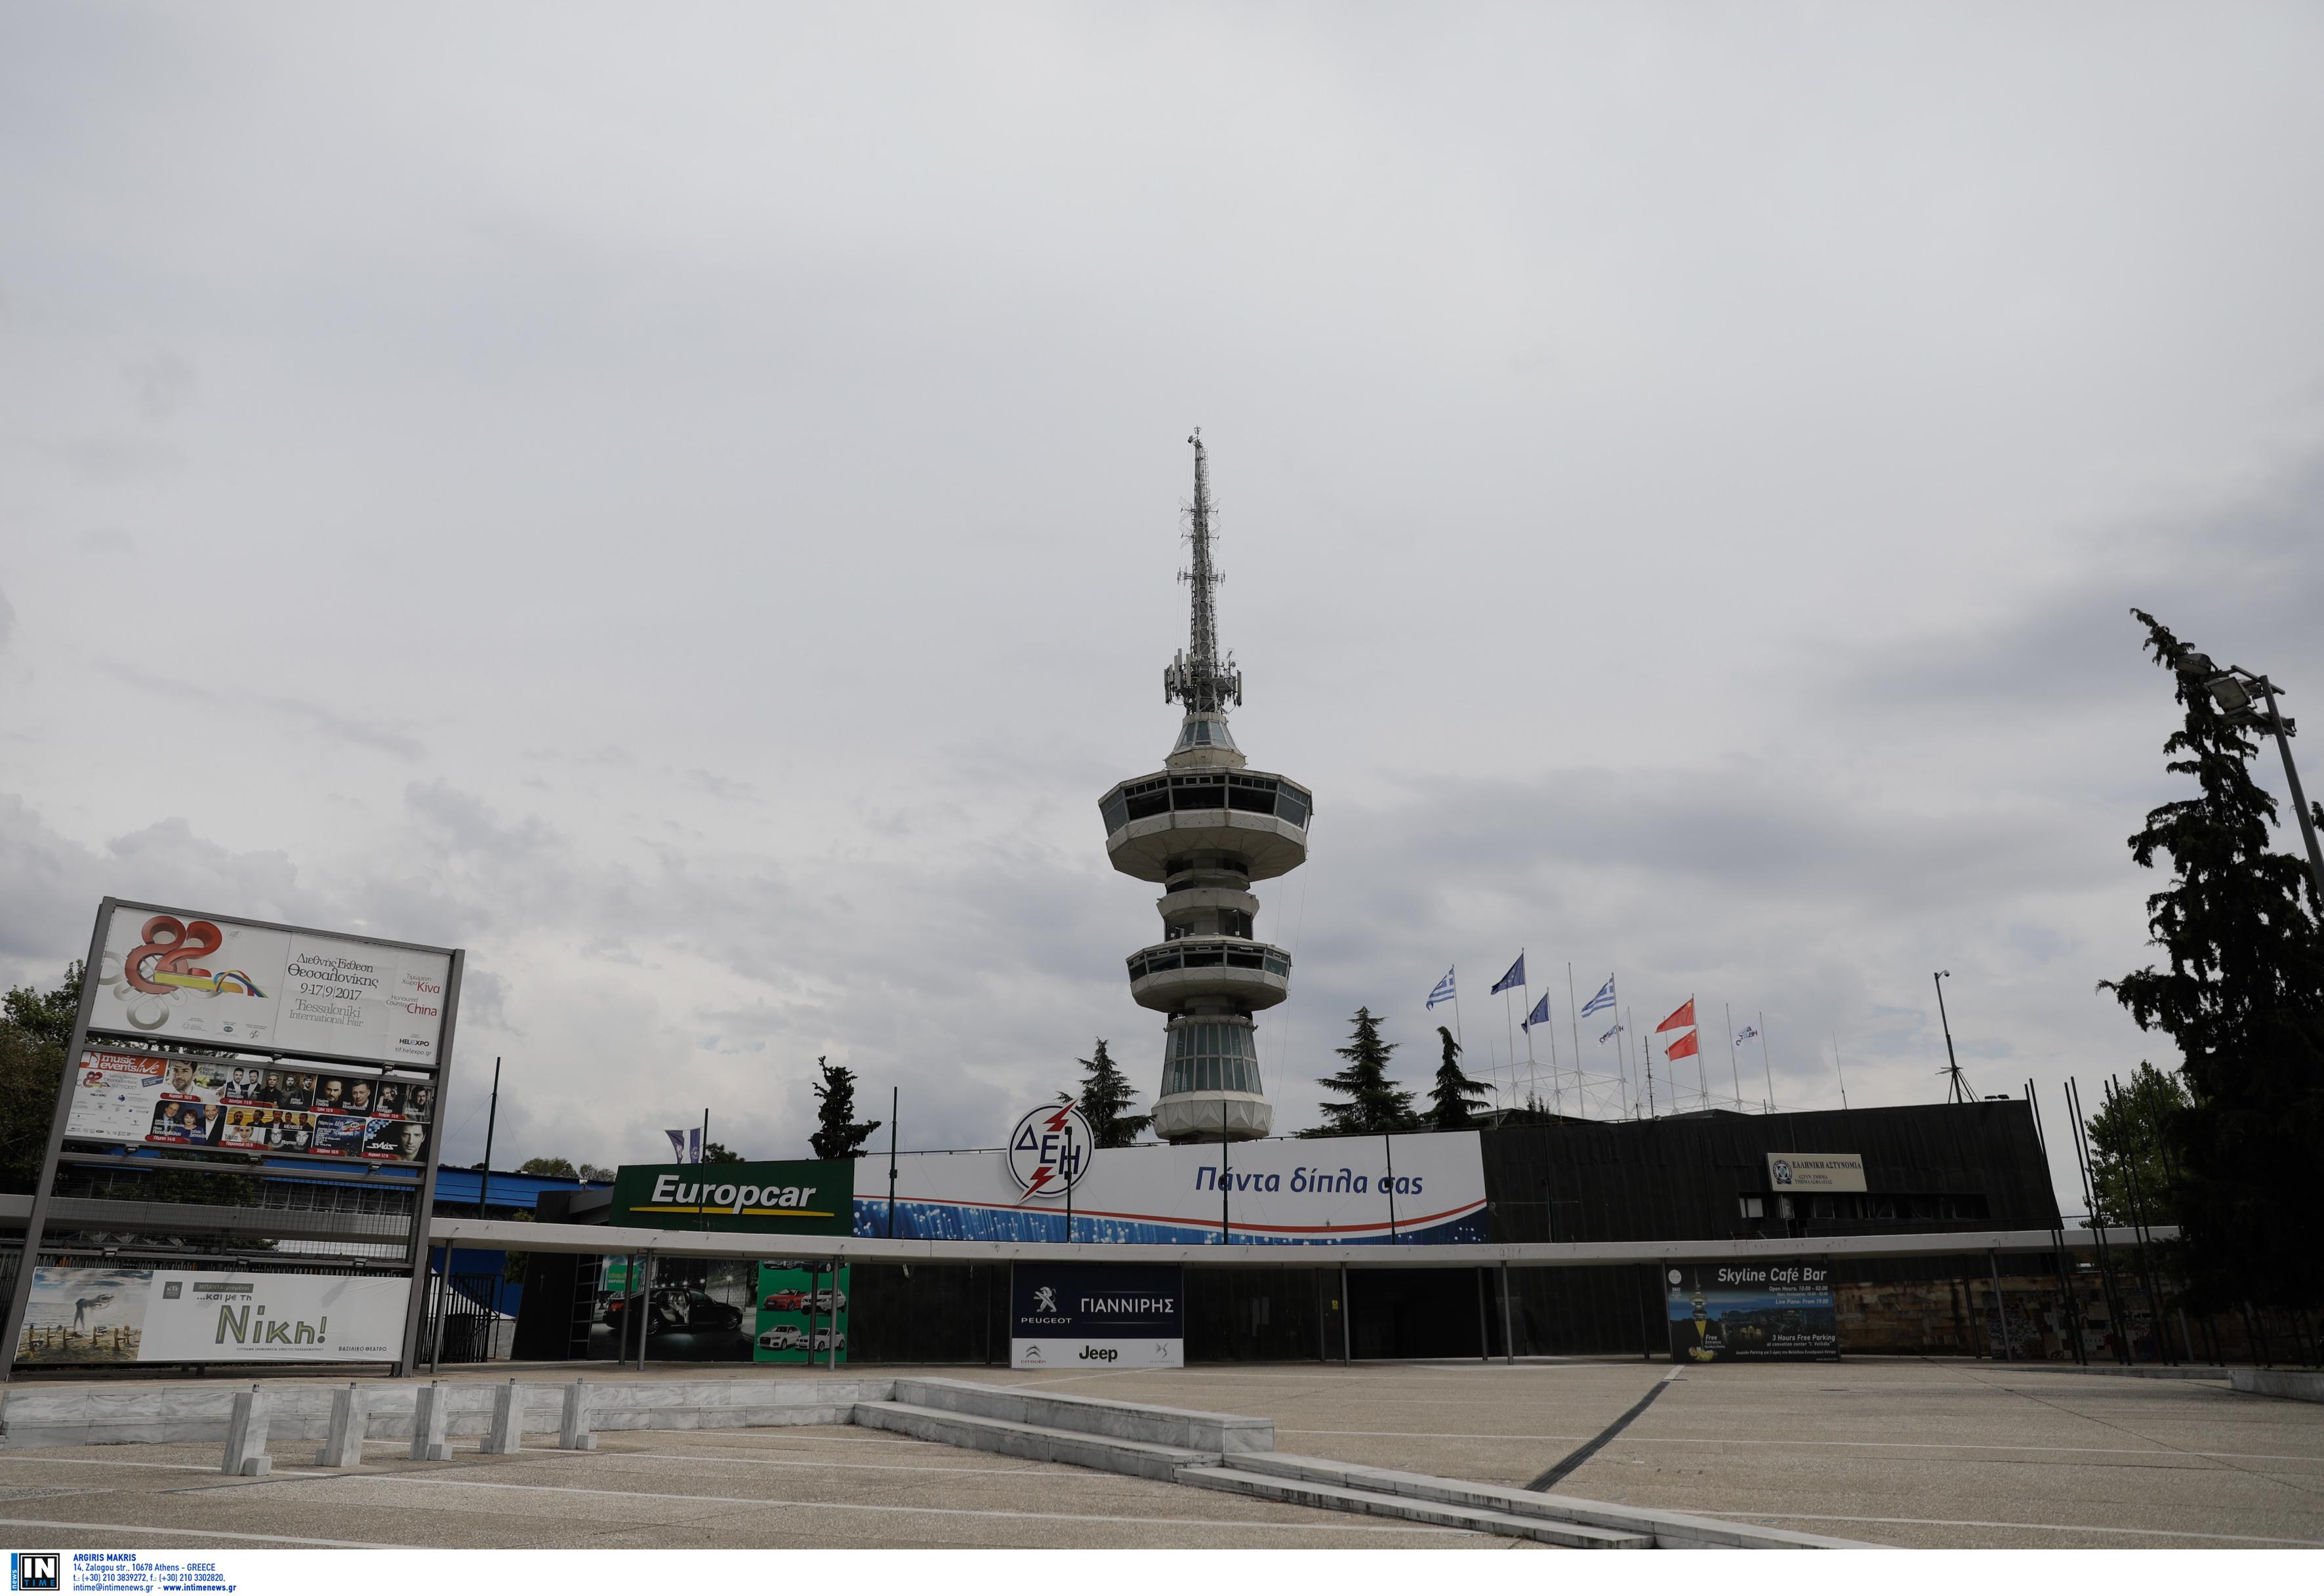 Σε απόγνωση οι διοργανωτές εκθέσεων:  Οι ζημιές του κλάδου ξεπερνούν τα 200 εκατ. ευρώ